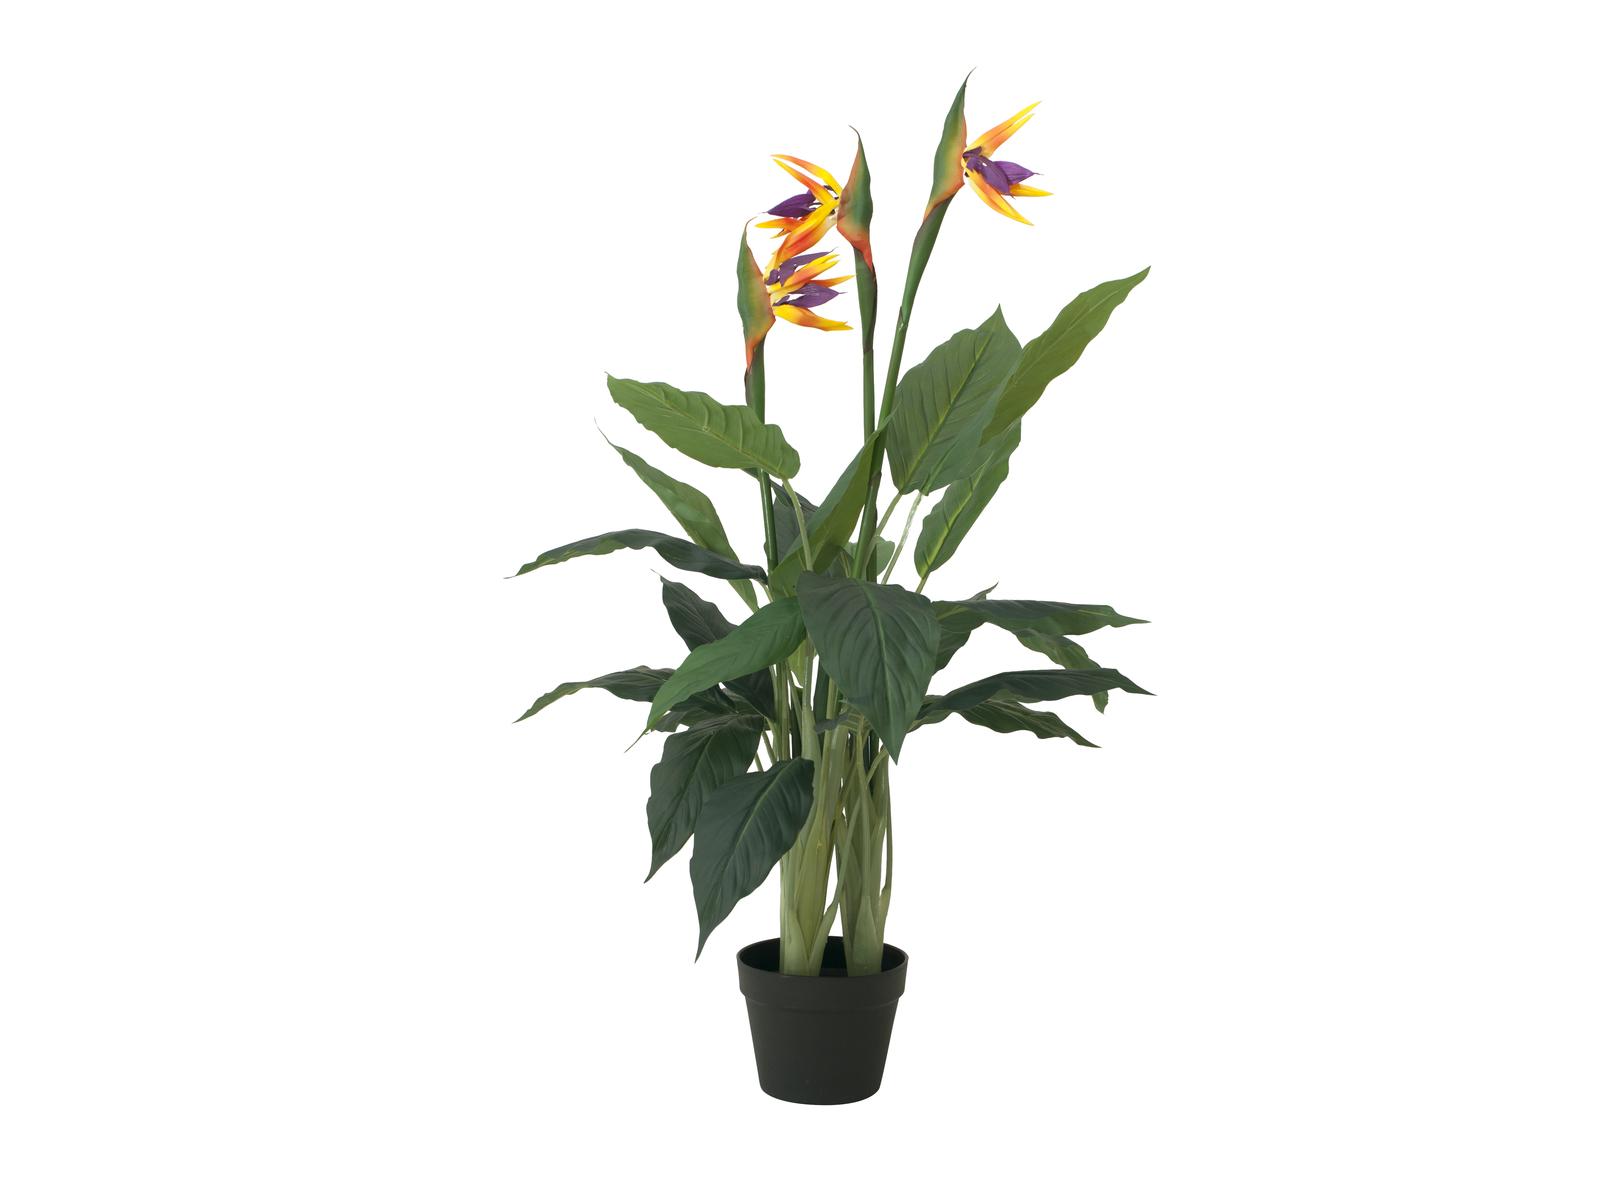 europalms-strelizie-kunstpflanze-90cm